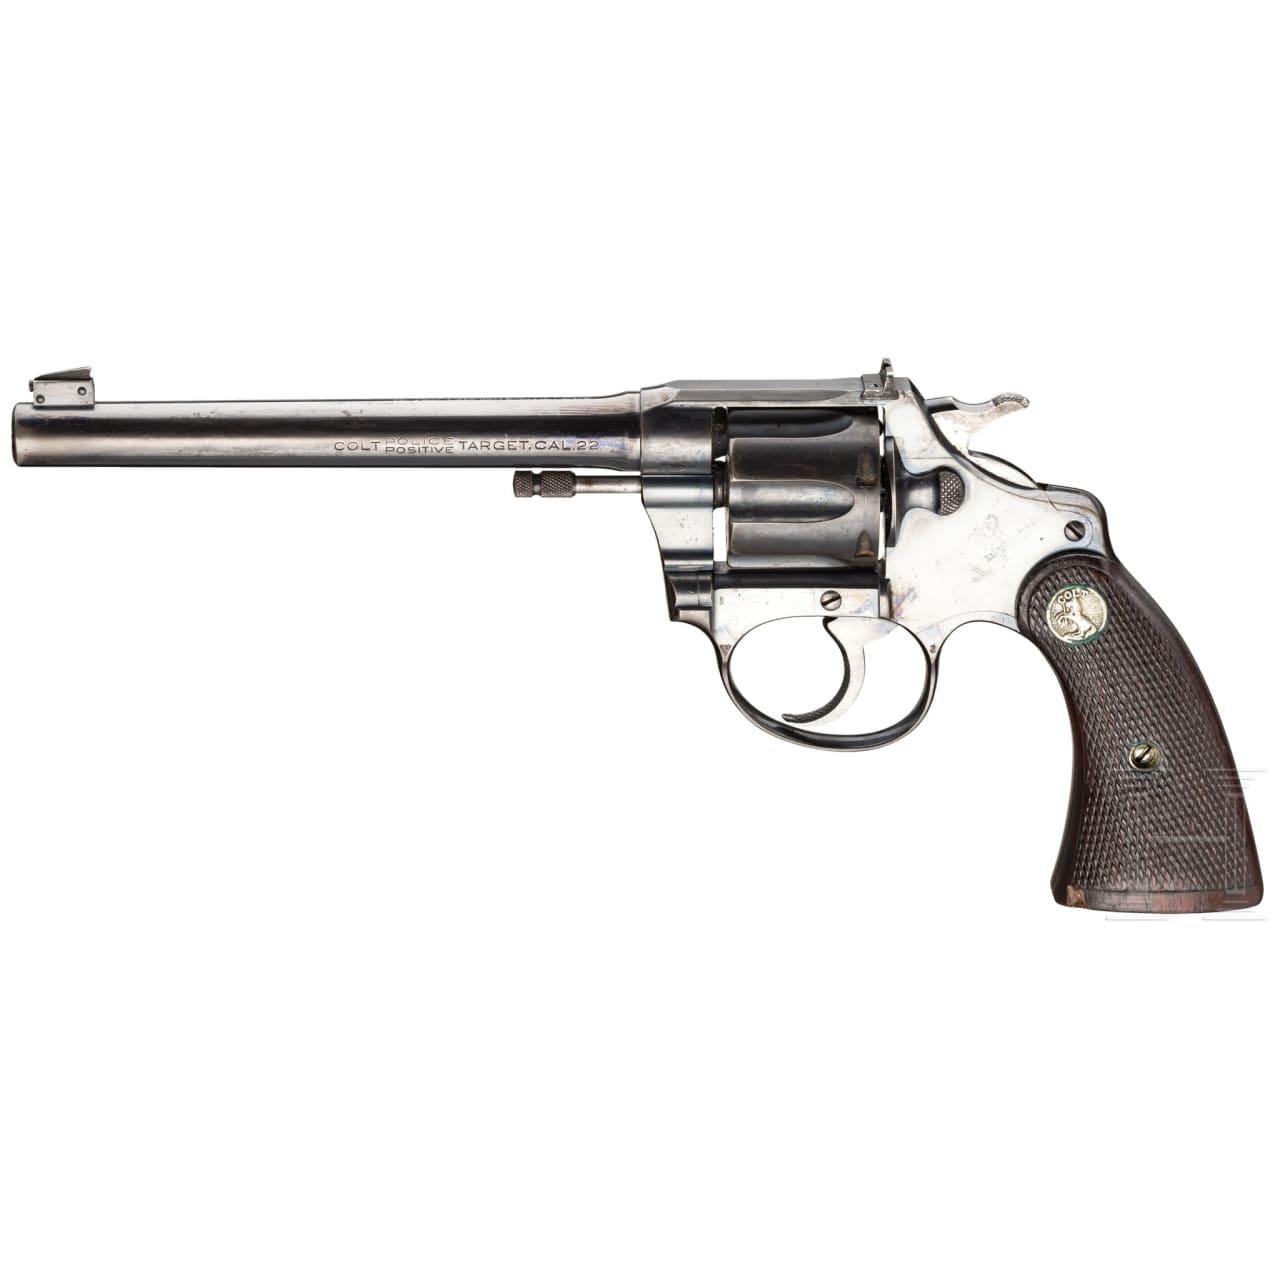 Colt Police Positive .22 Target Mod. G